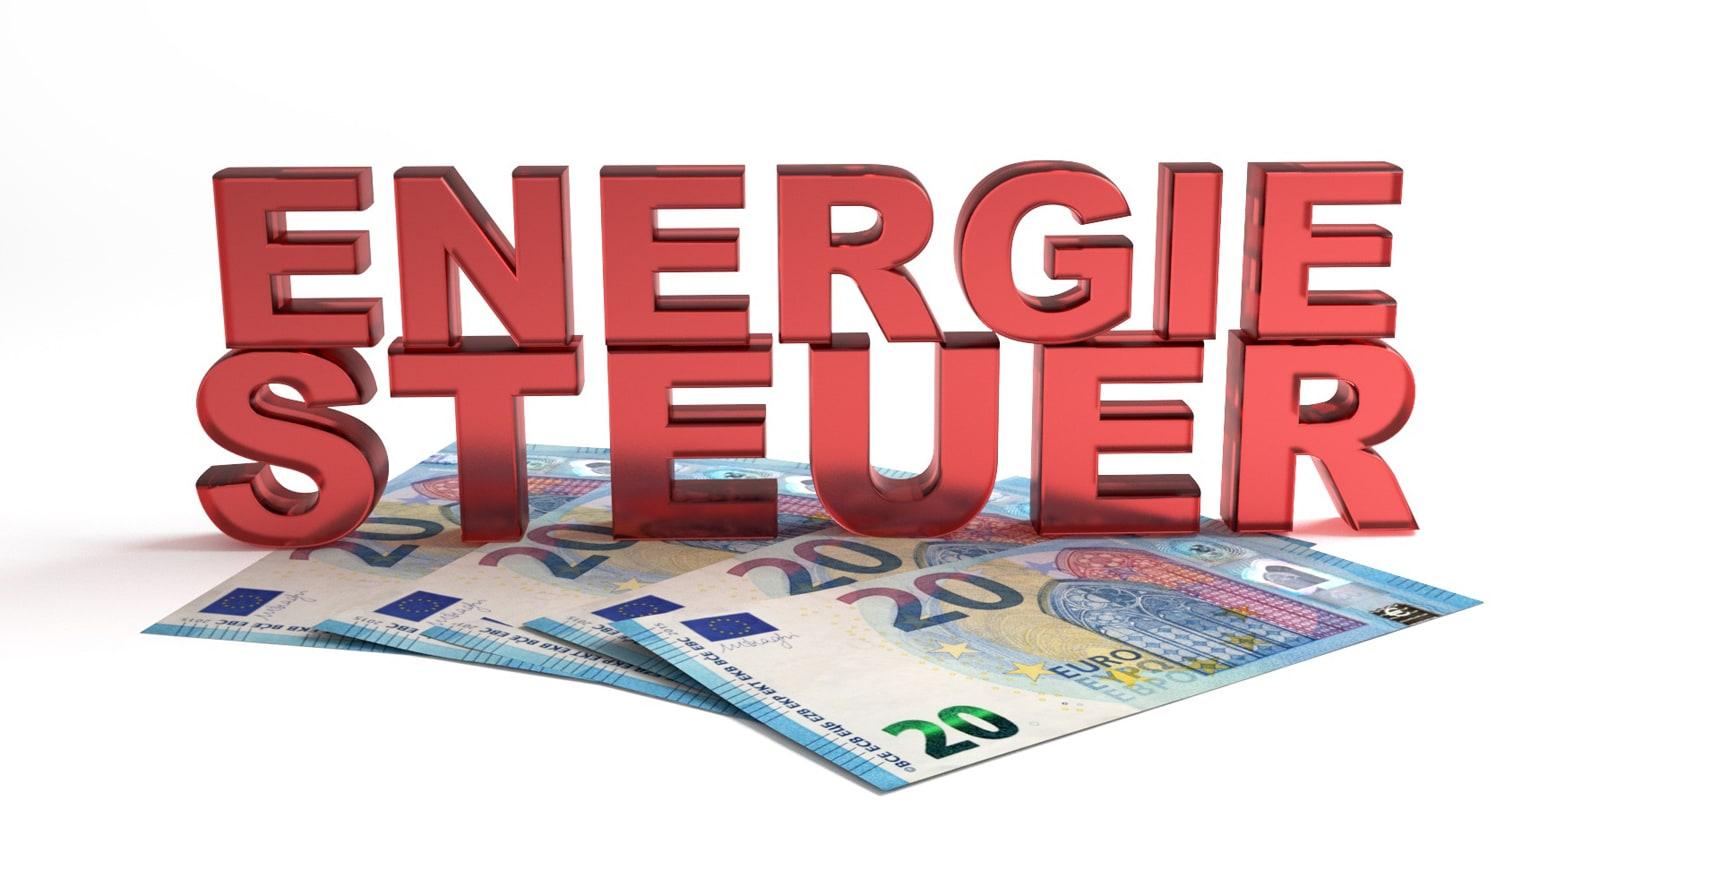 Energiesteuer